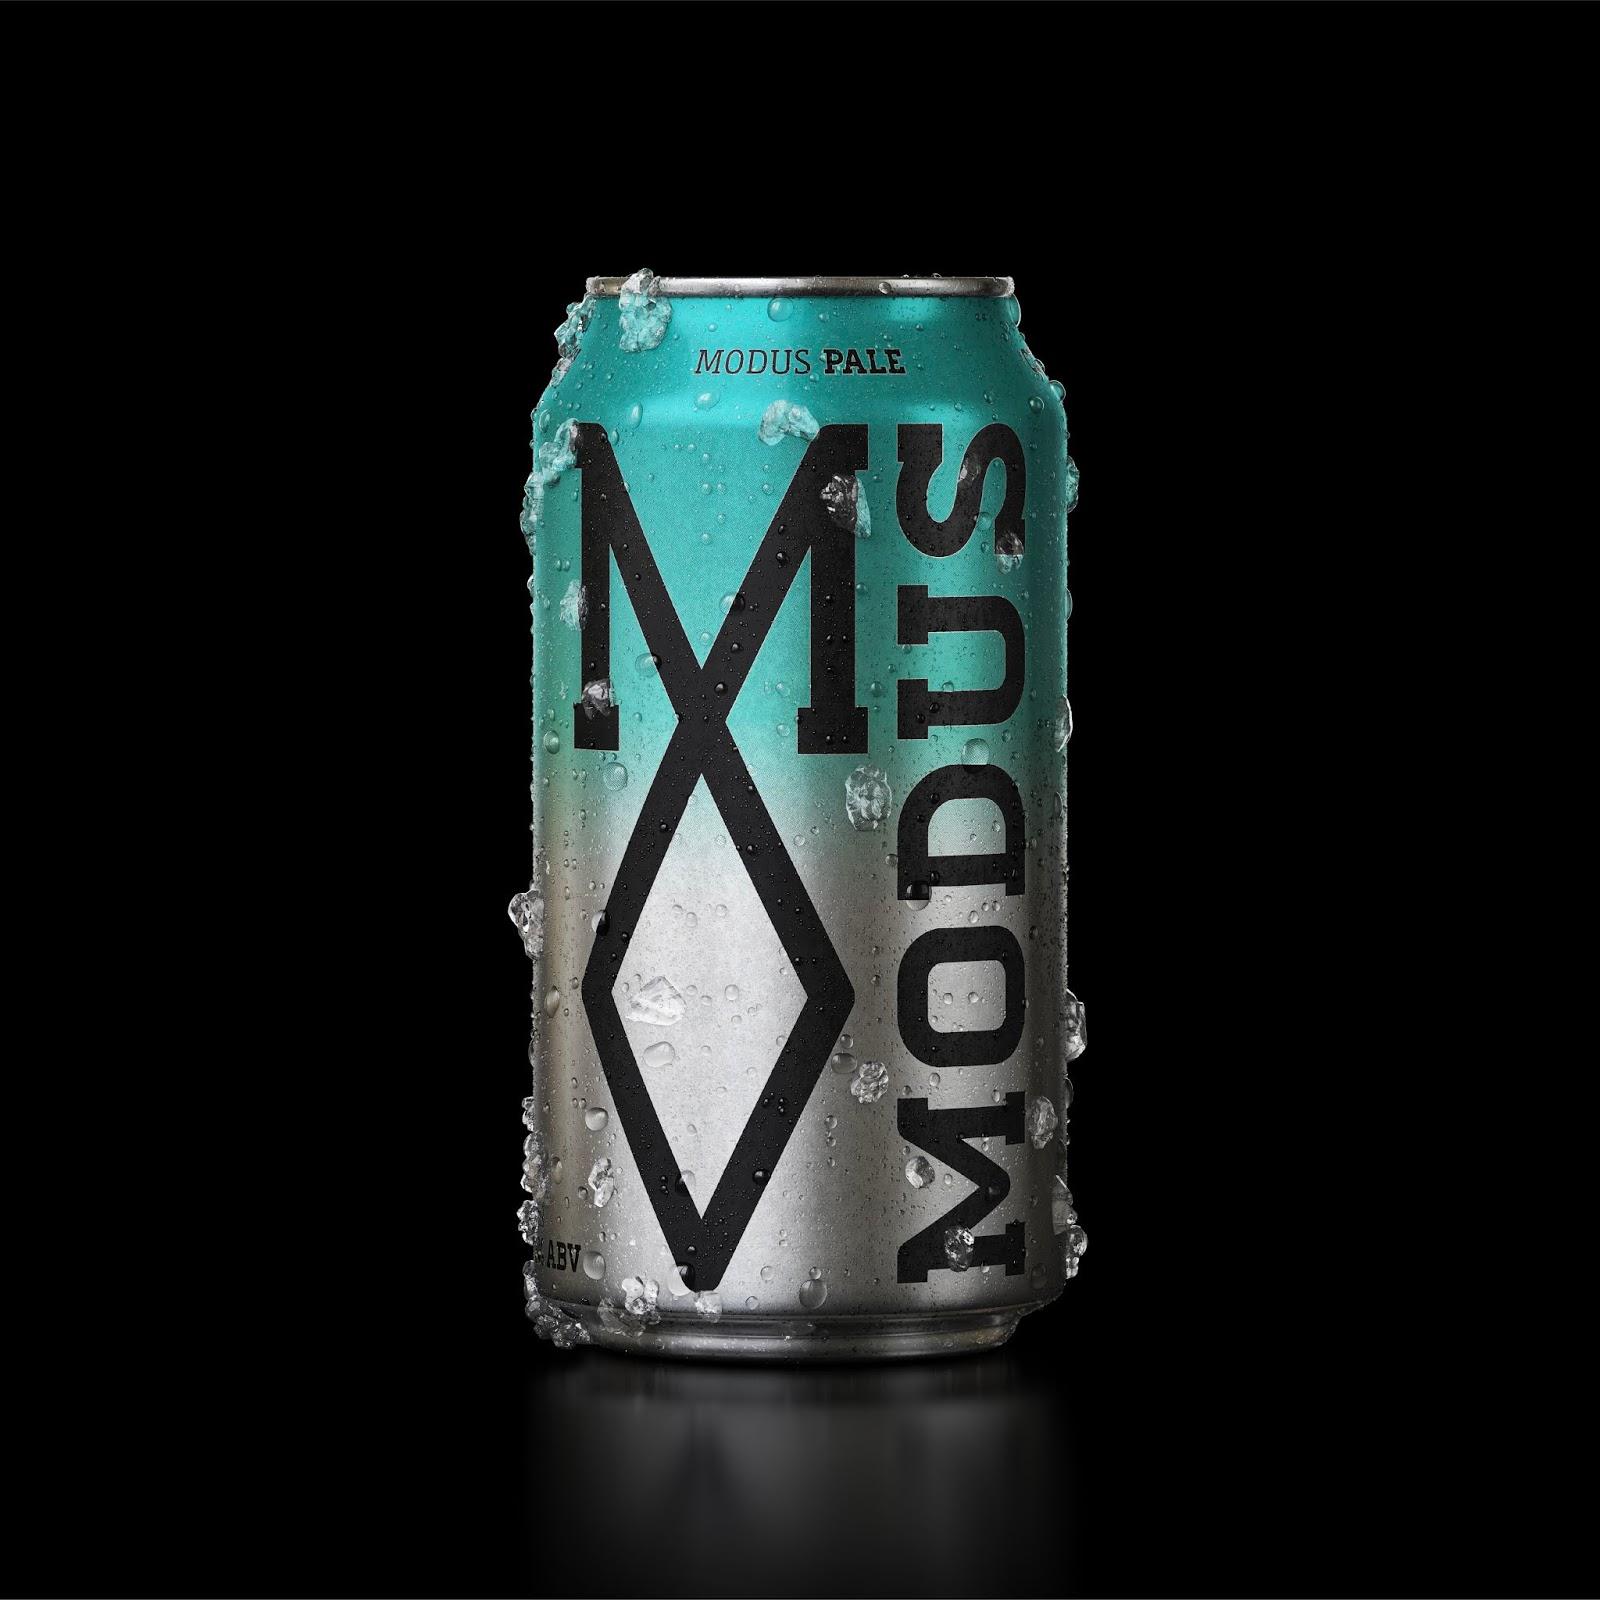 Modus啤酒包装设计